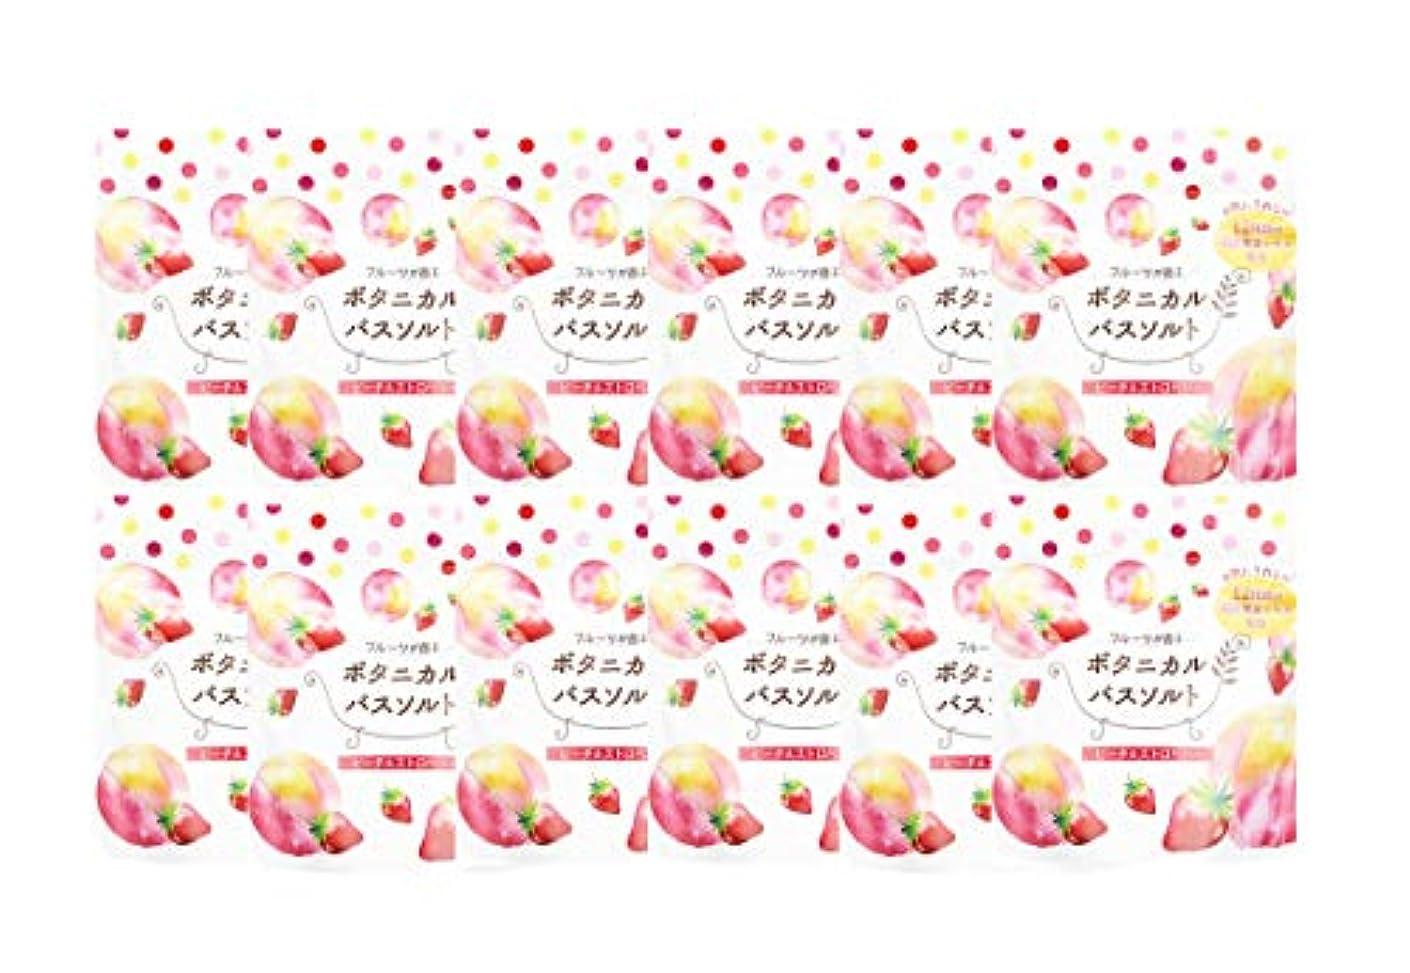 ありふれた世辞通路松田医薬品 フルーツが香るボタニカルバスソルト ピーチ&ストロベリー 30g 12個セット